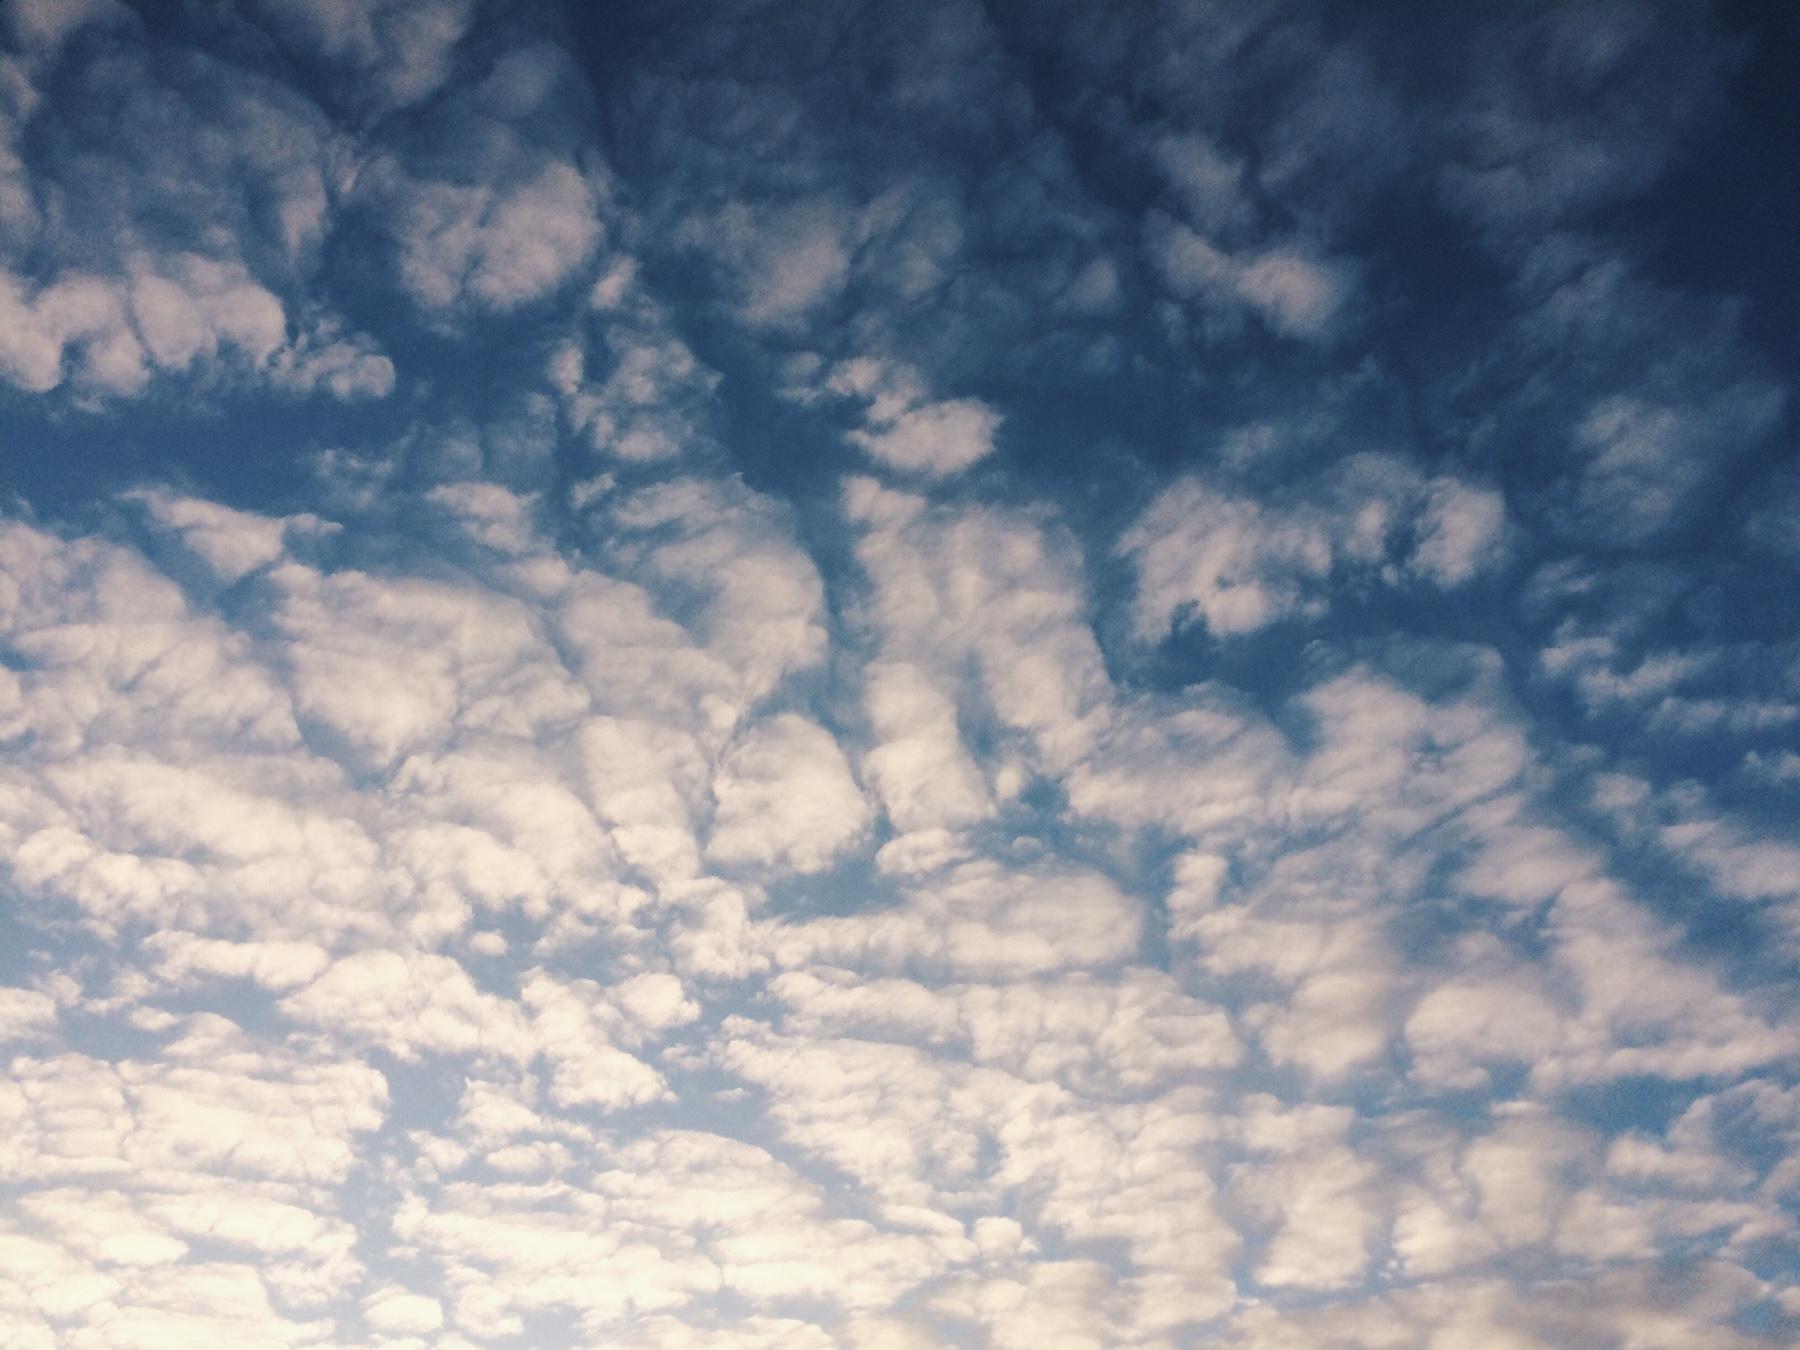 Himmel voller weißer Wolken, die teilweise das blaue des Himmels freigeben